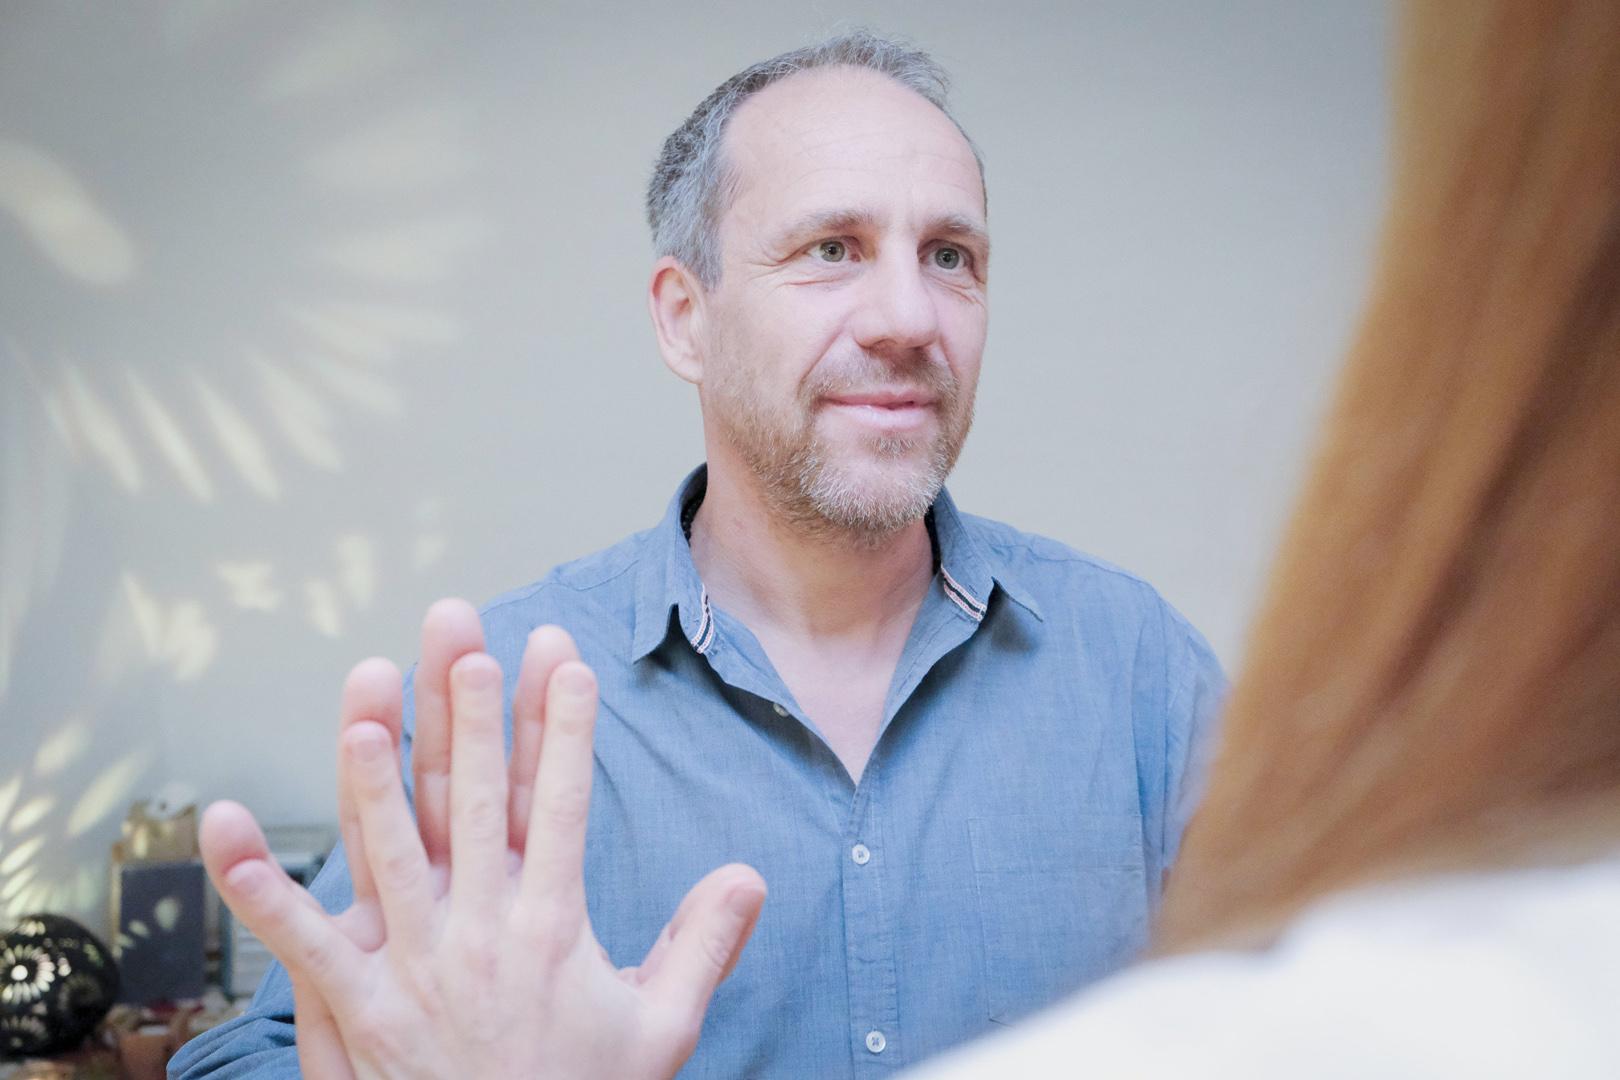 Manhartsberger-Körpertherapie-Praxis